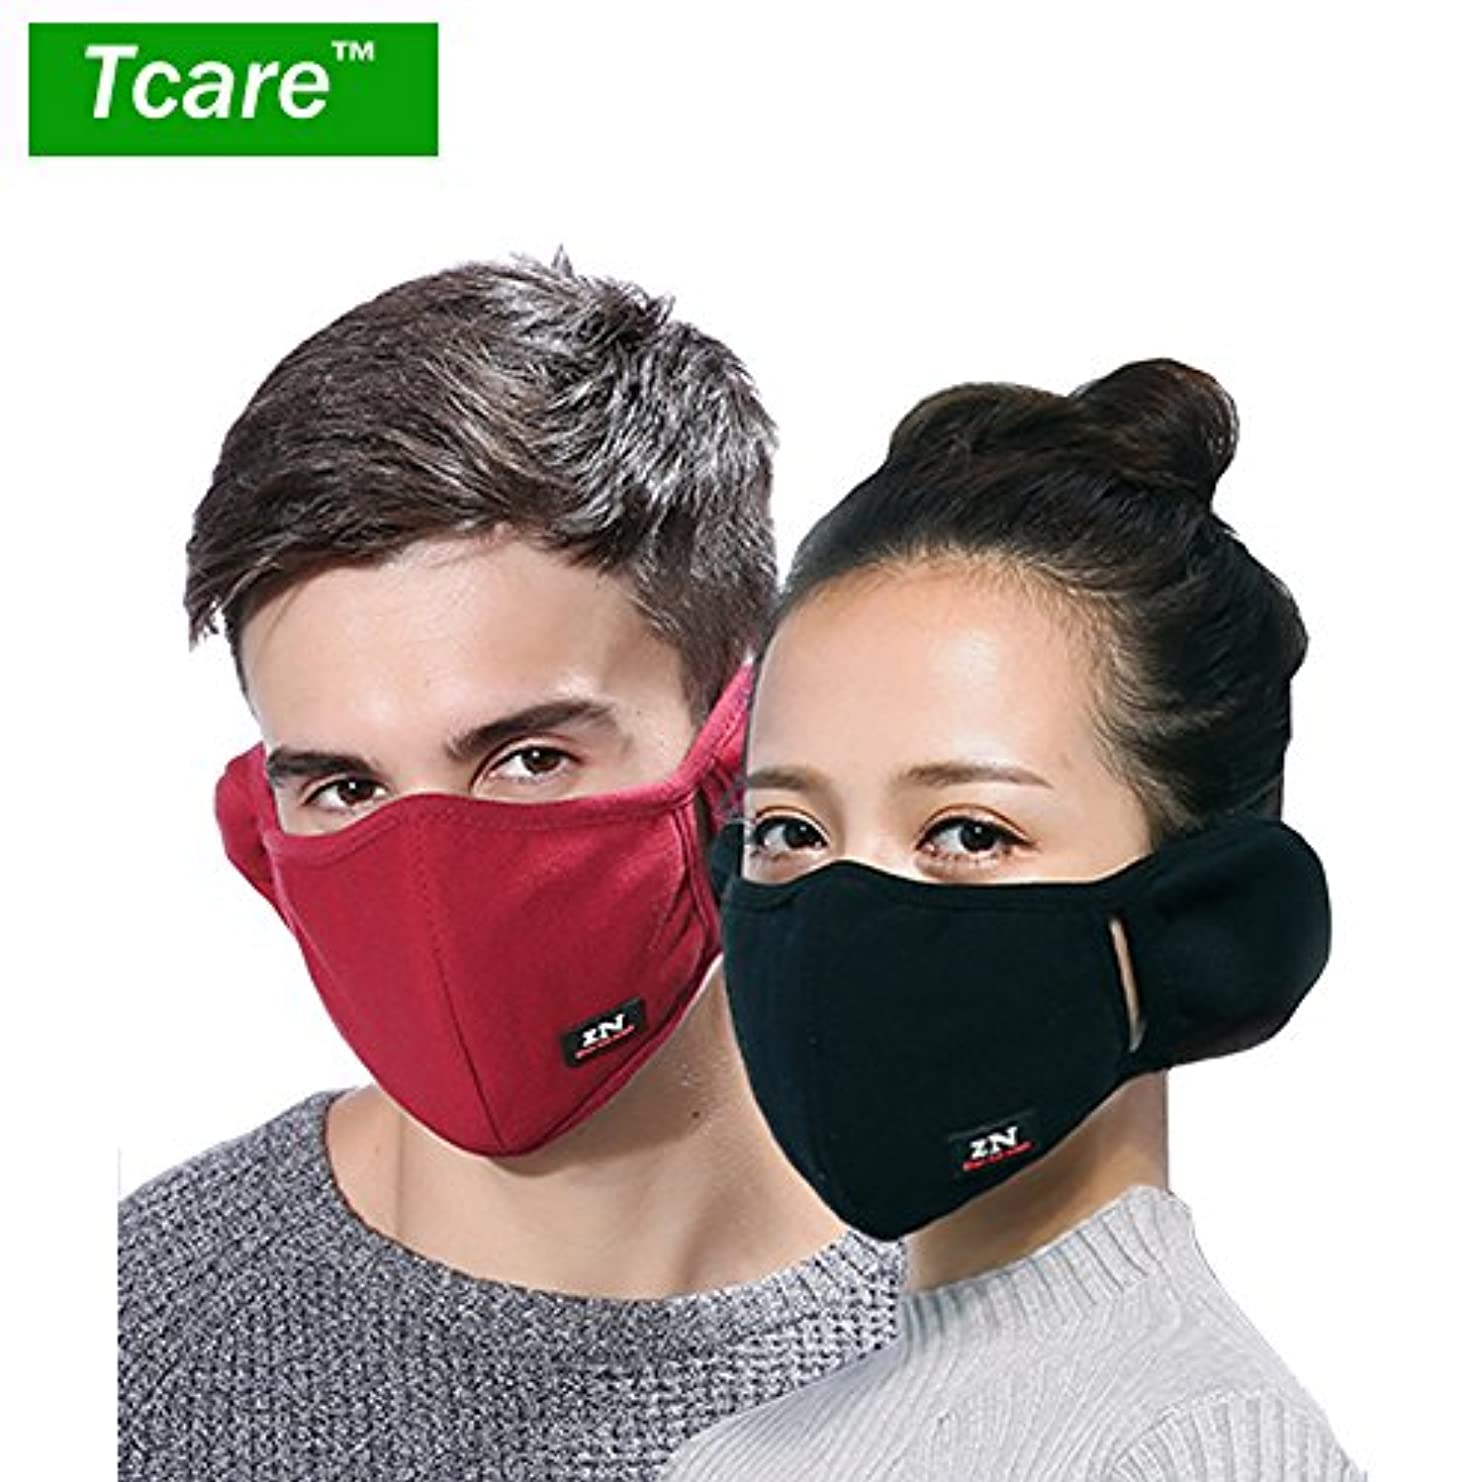 ペニー値アクチュエータ男性女性の少年少女のためのTcare呼吸器2レイヤピュアコットン保護フィルター挿入口:9グレー